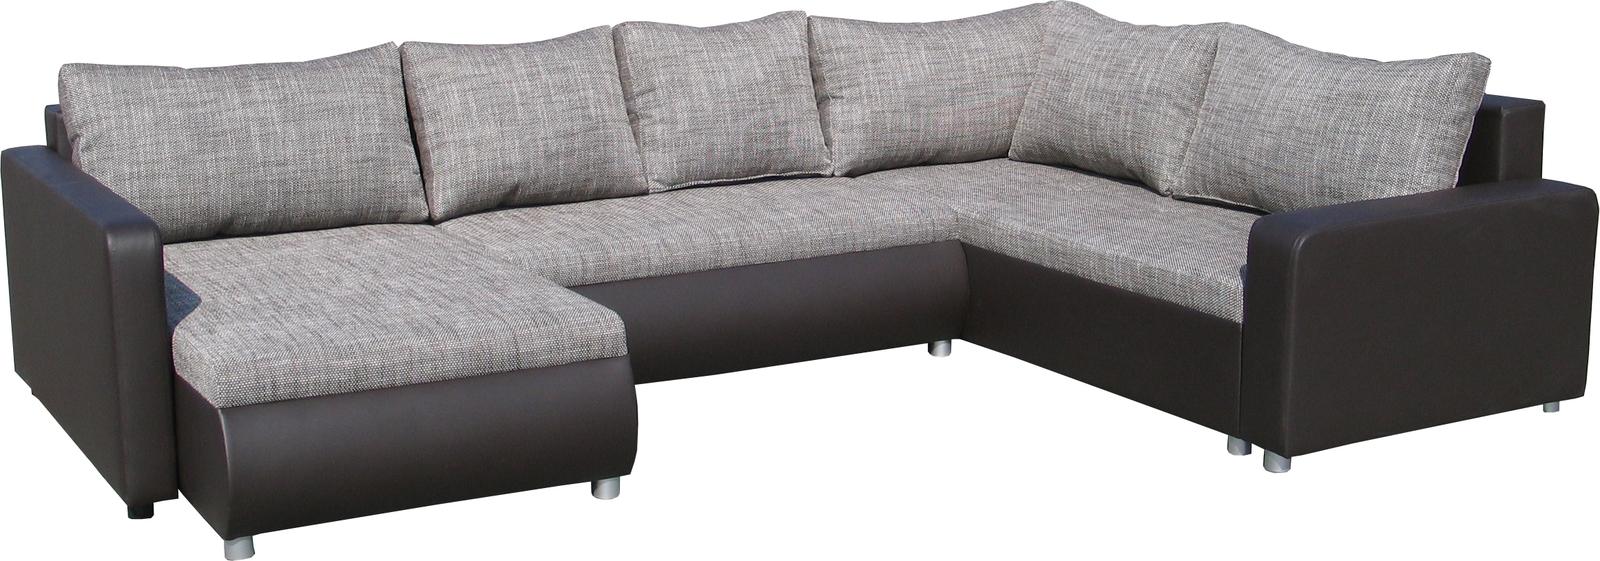 Rohová sedačka U - Famm - Rosa 2 (L)